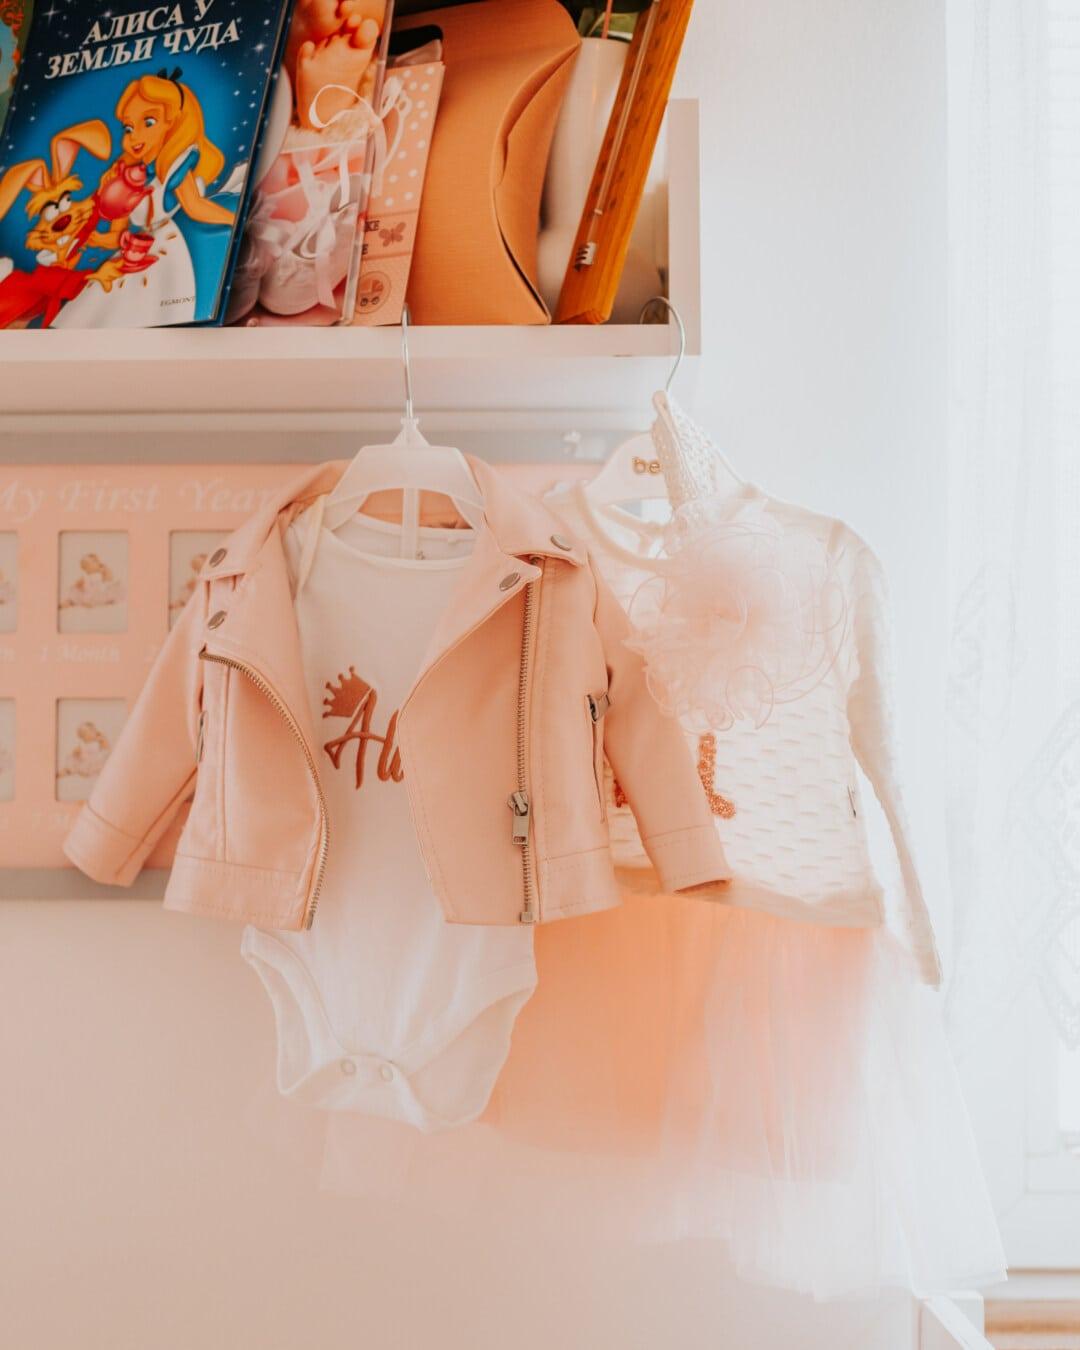 robe, veste, bébé, mode, à l'intérieur, élégant, stock, garde-robe, marchandise, joli